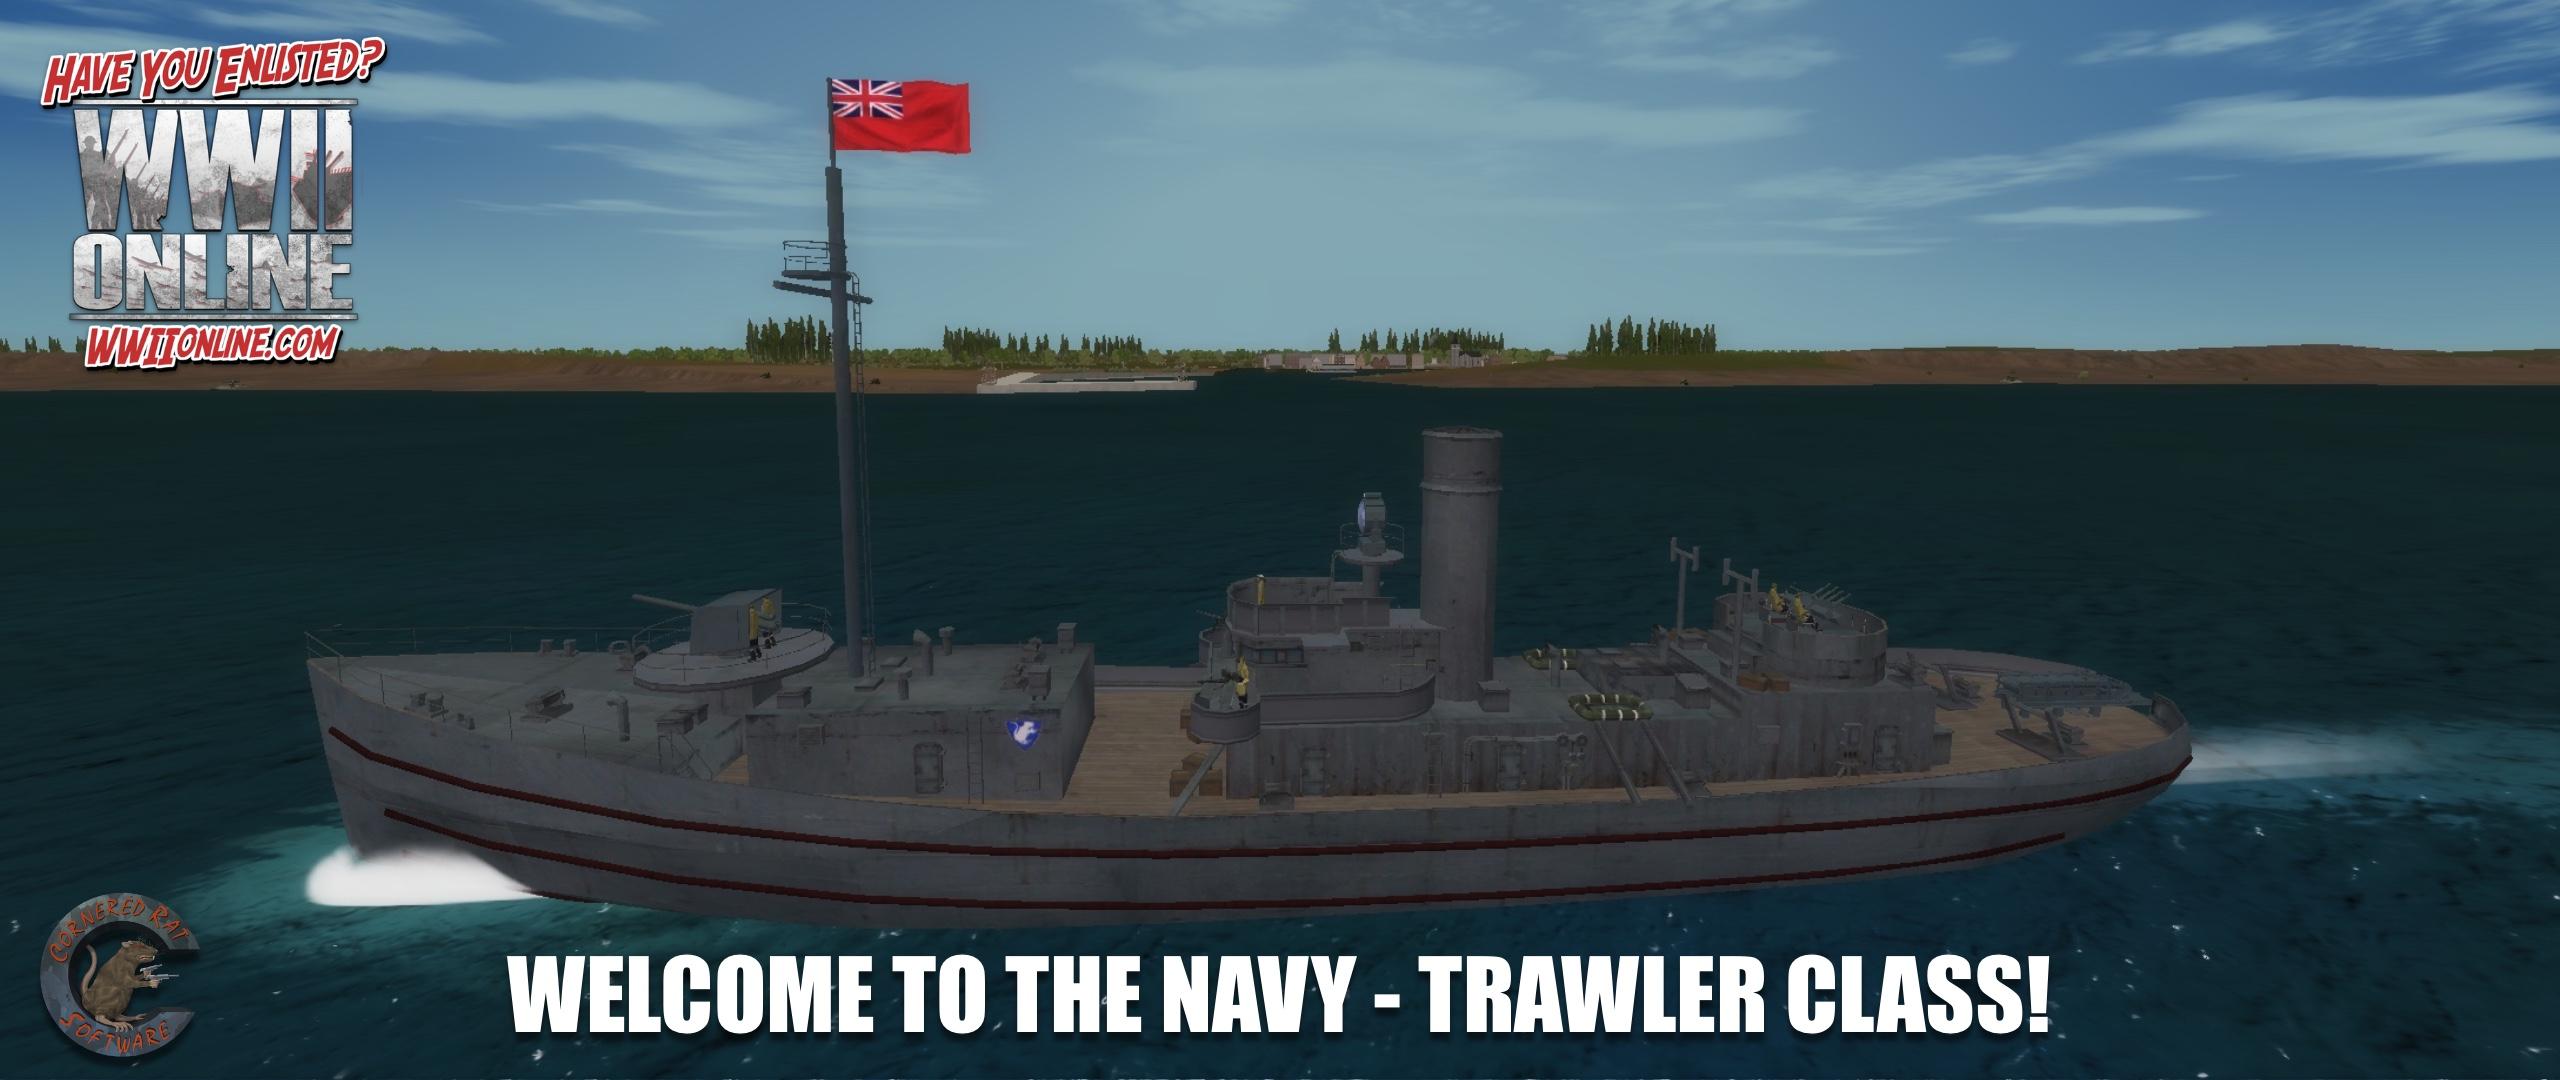 3 trawler4